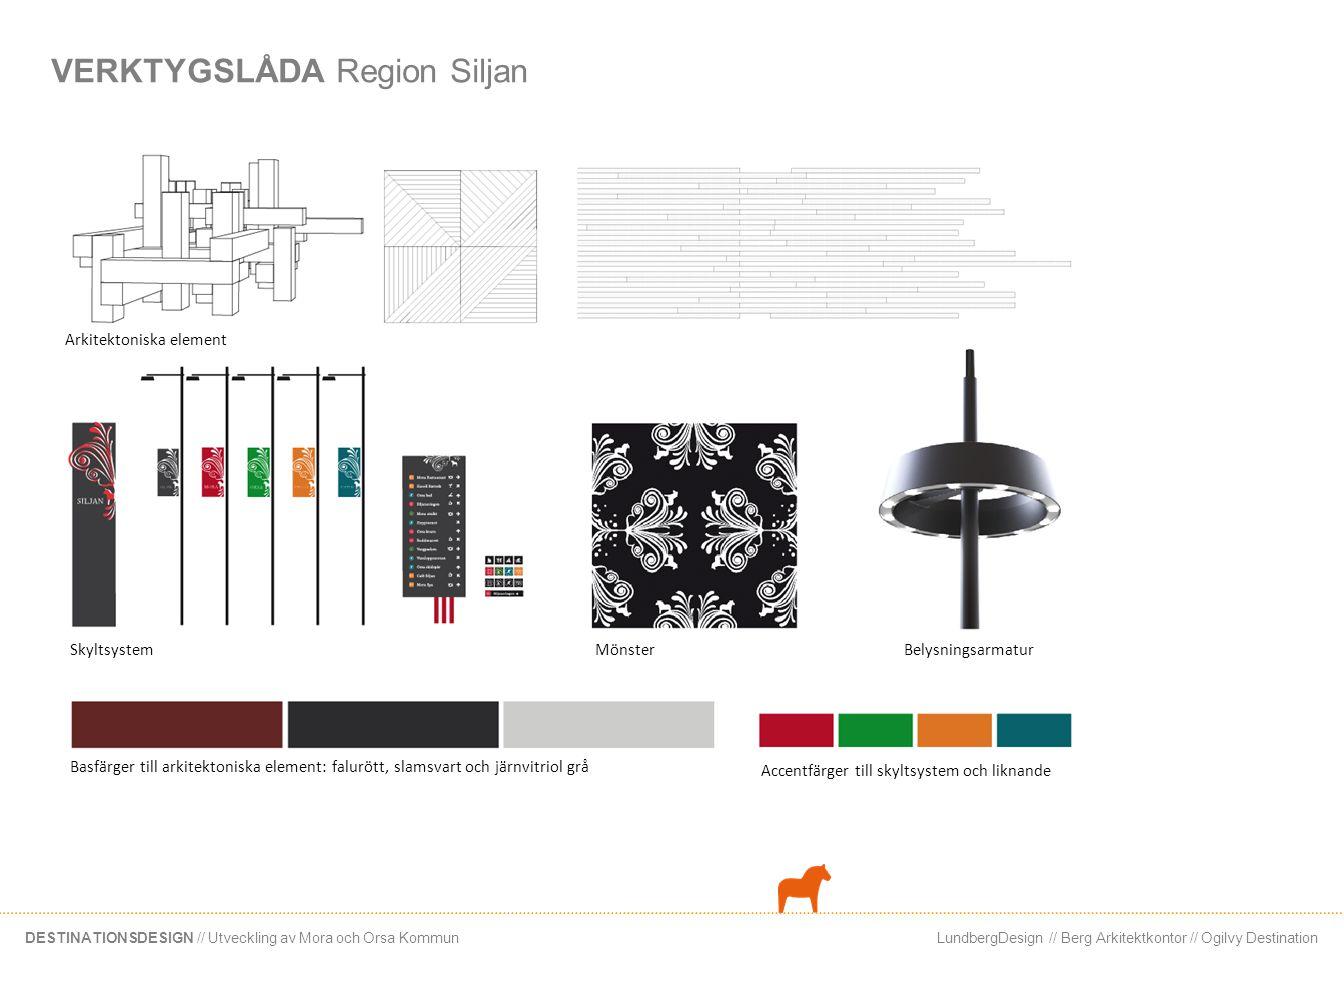 LundbergDesign // Berg Arkitektkontor // Ogilvy DestinationDESTINATIONSDESIGN // Utveckling av Mora och Orsa Kommun VERKTYGSLÅDA Region Siljan Arkitek